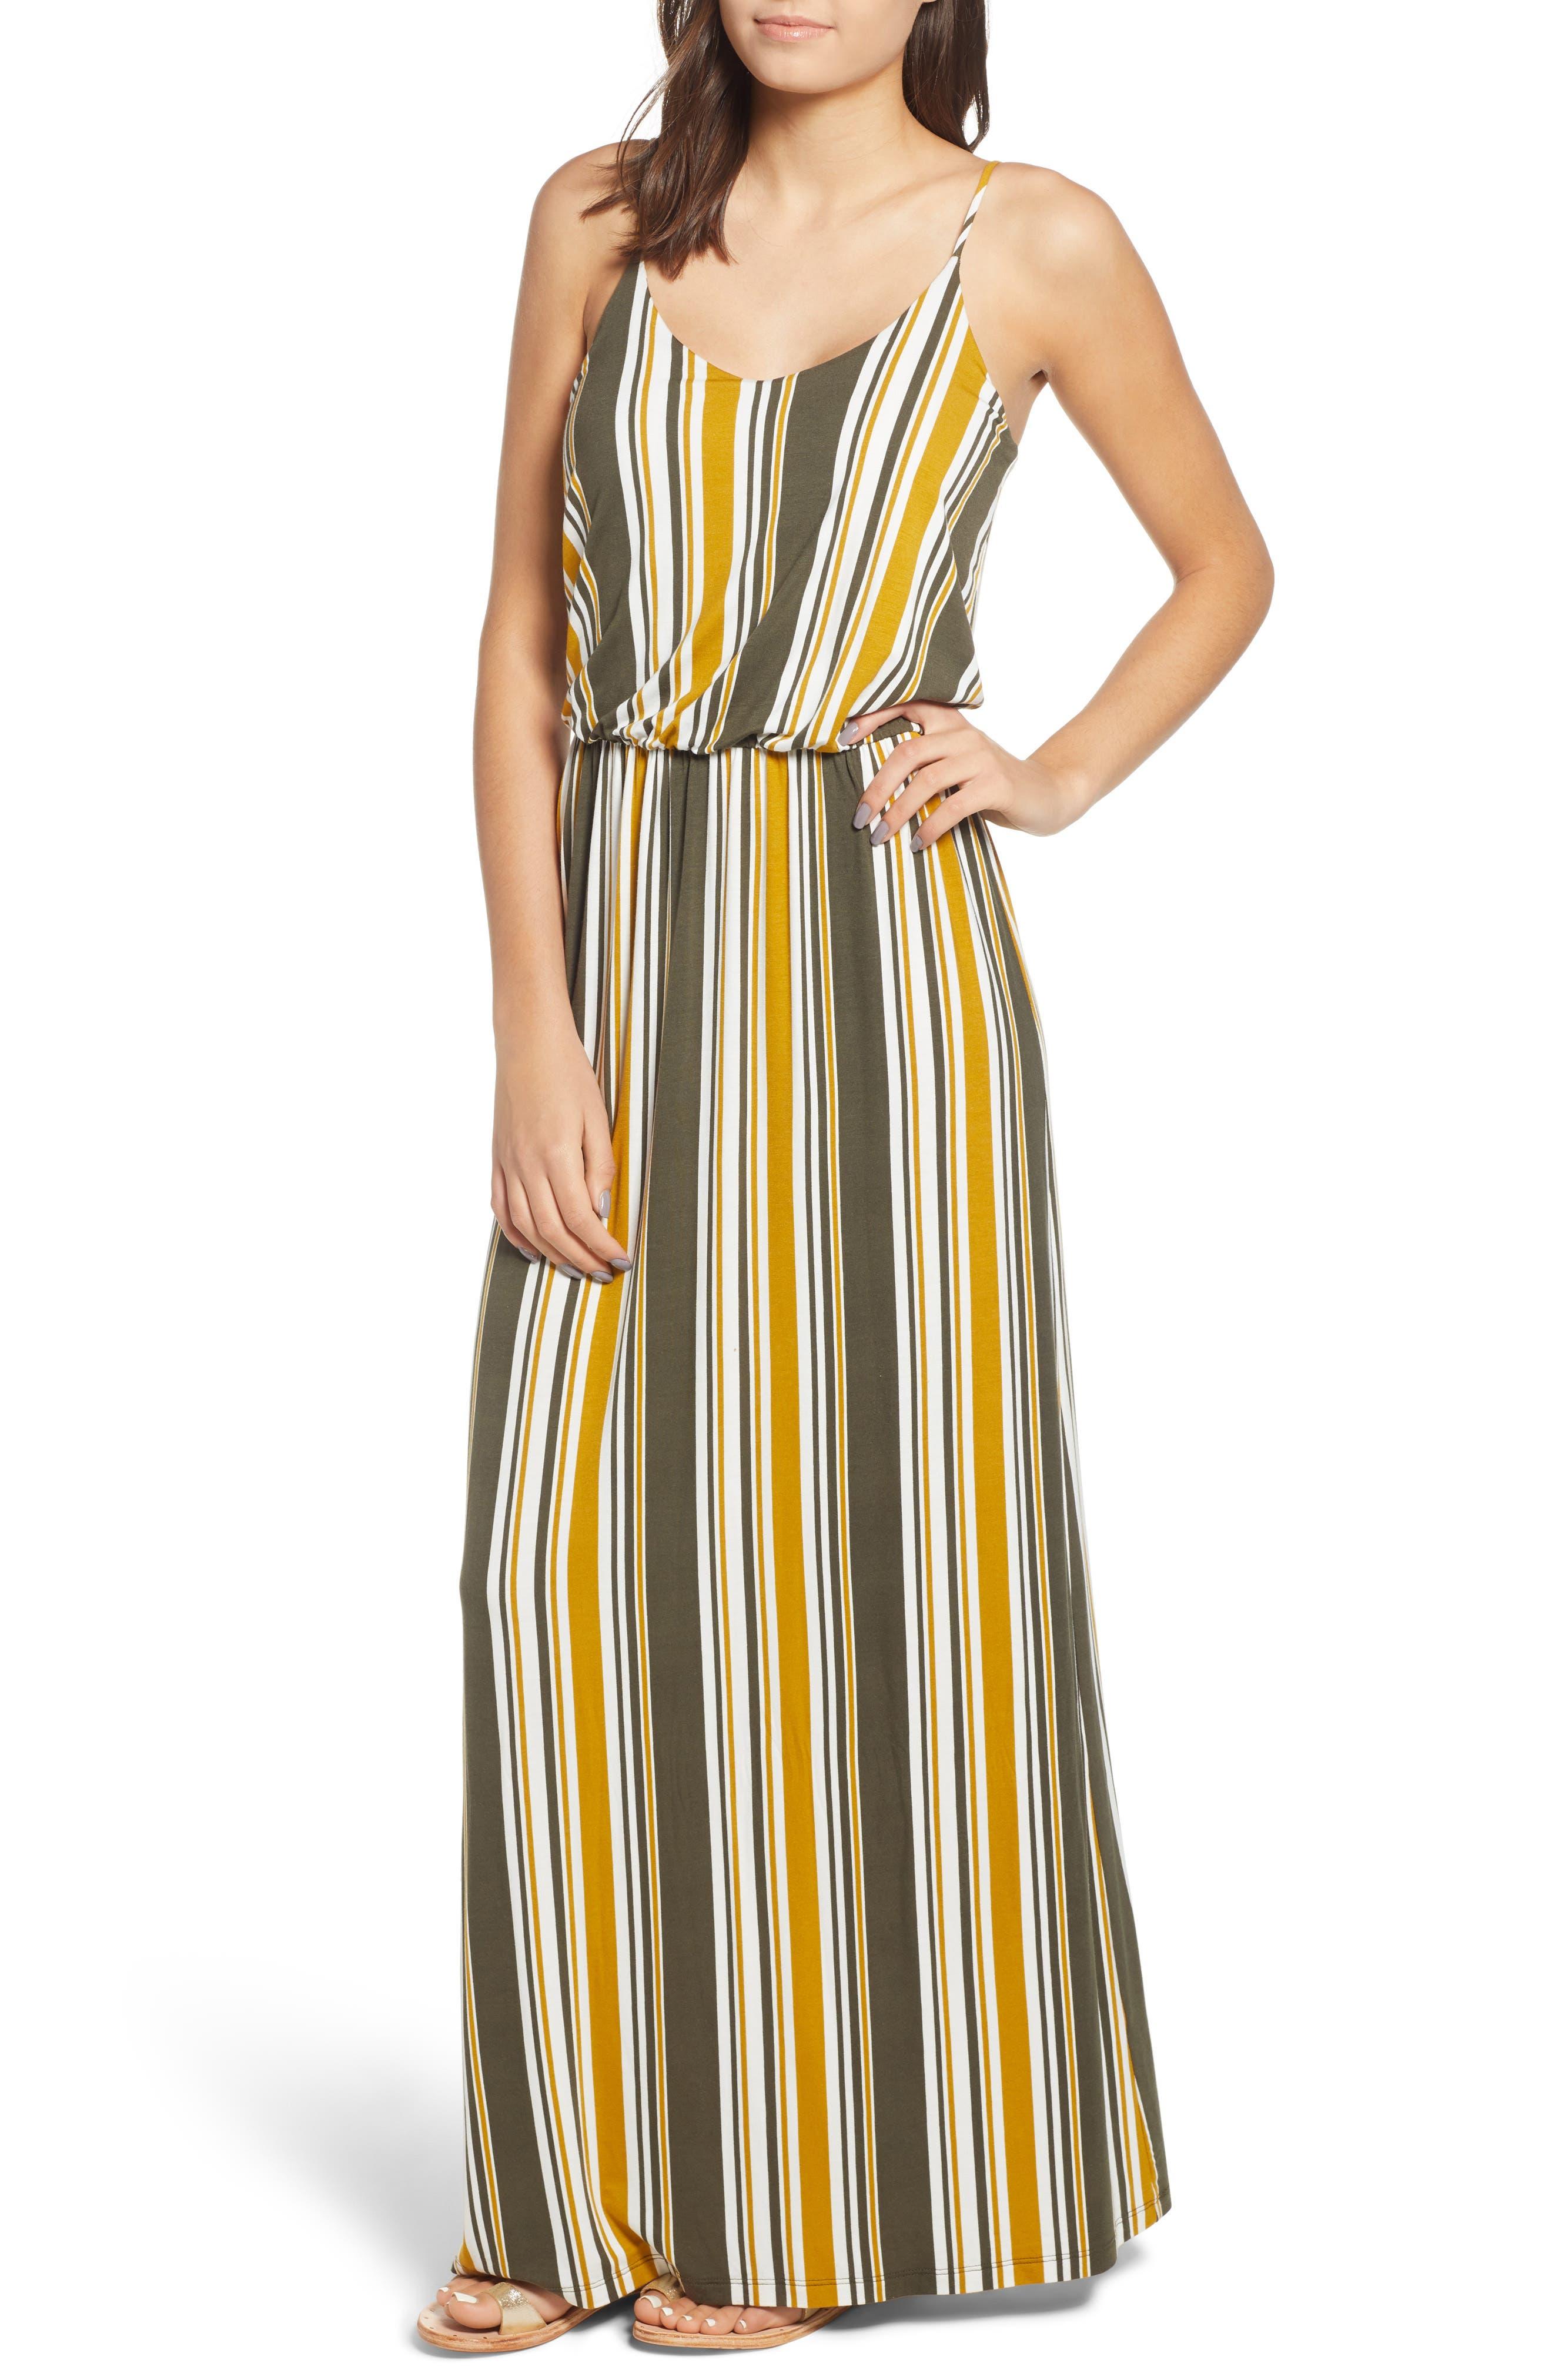 Knit Maxi Dress,                             Main thumbnail 1, color,                             ARMY GREEN/ MUSTARD